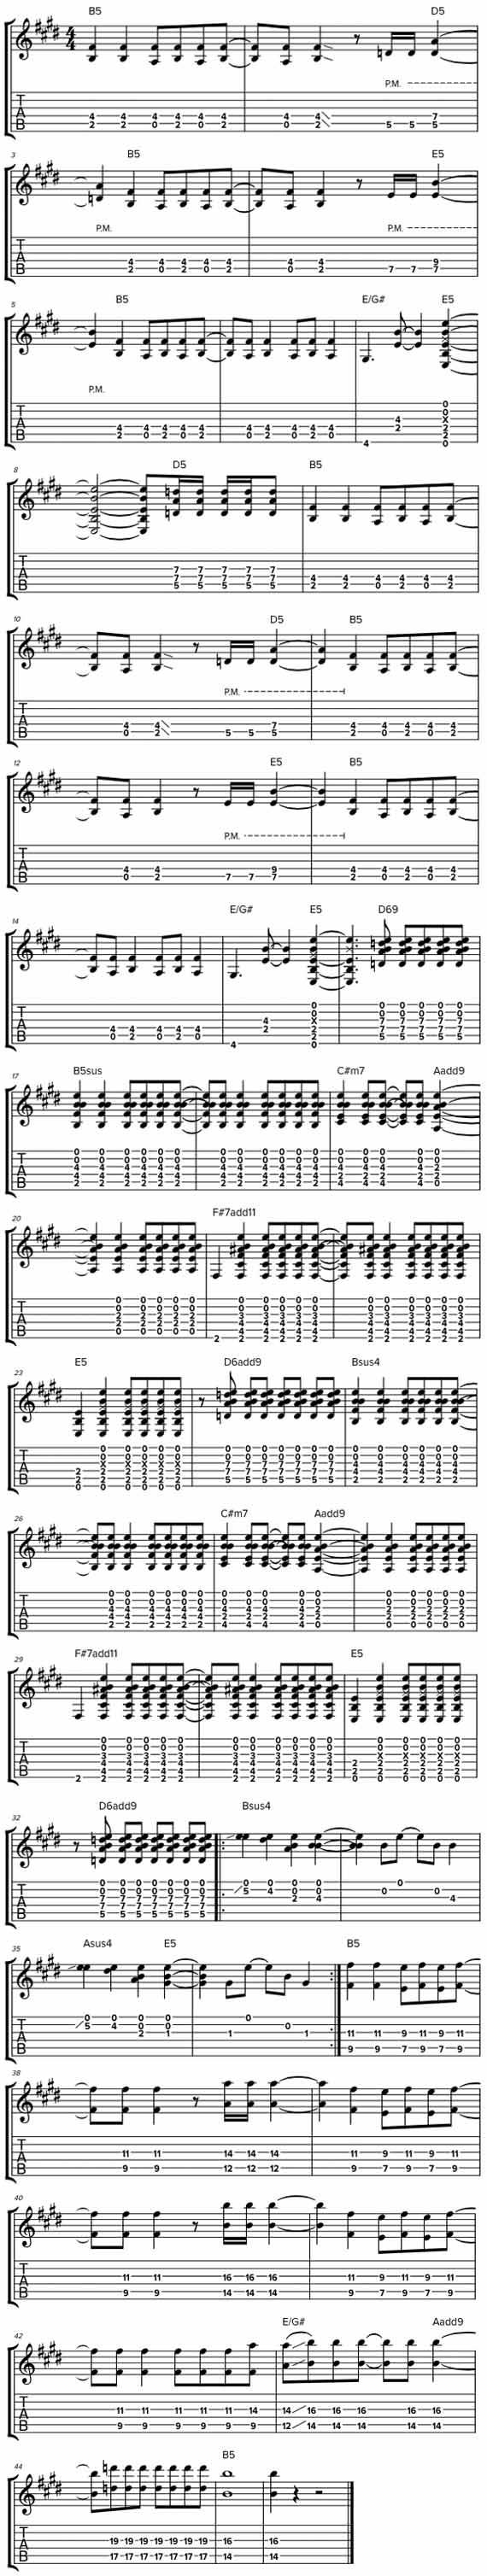 Табы и ноты риффов в стиле группы Foo Fighters